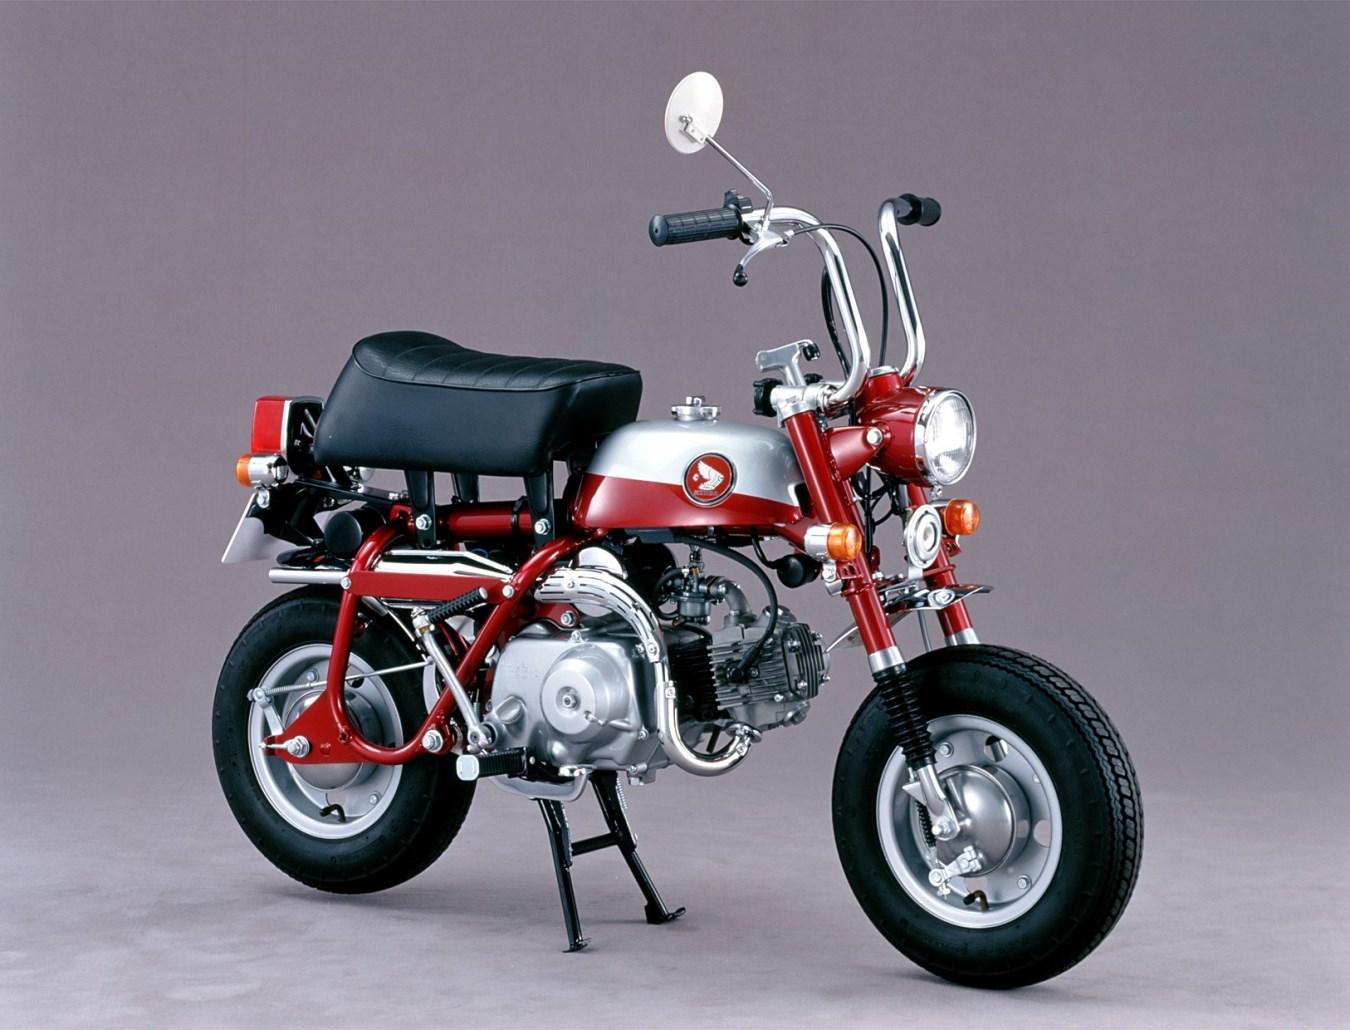 1970 - ה-Z50Z, עם מזלג מתקפל ועם רגלית אמצע